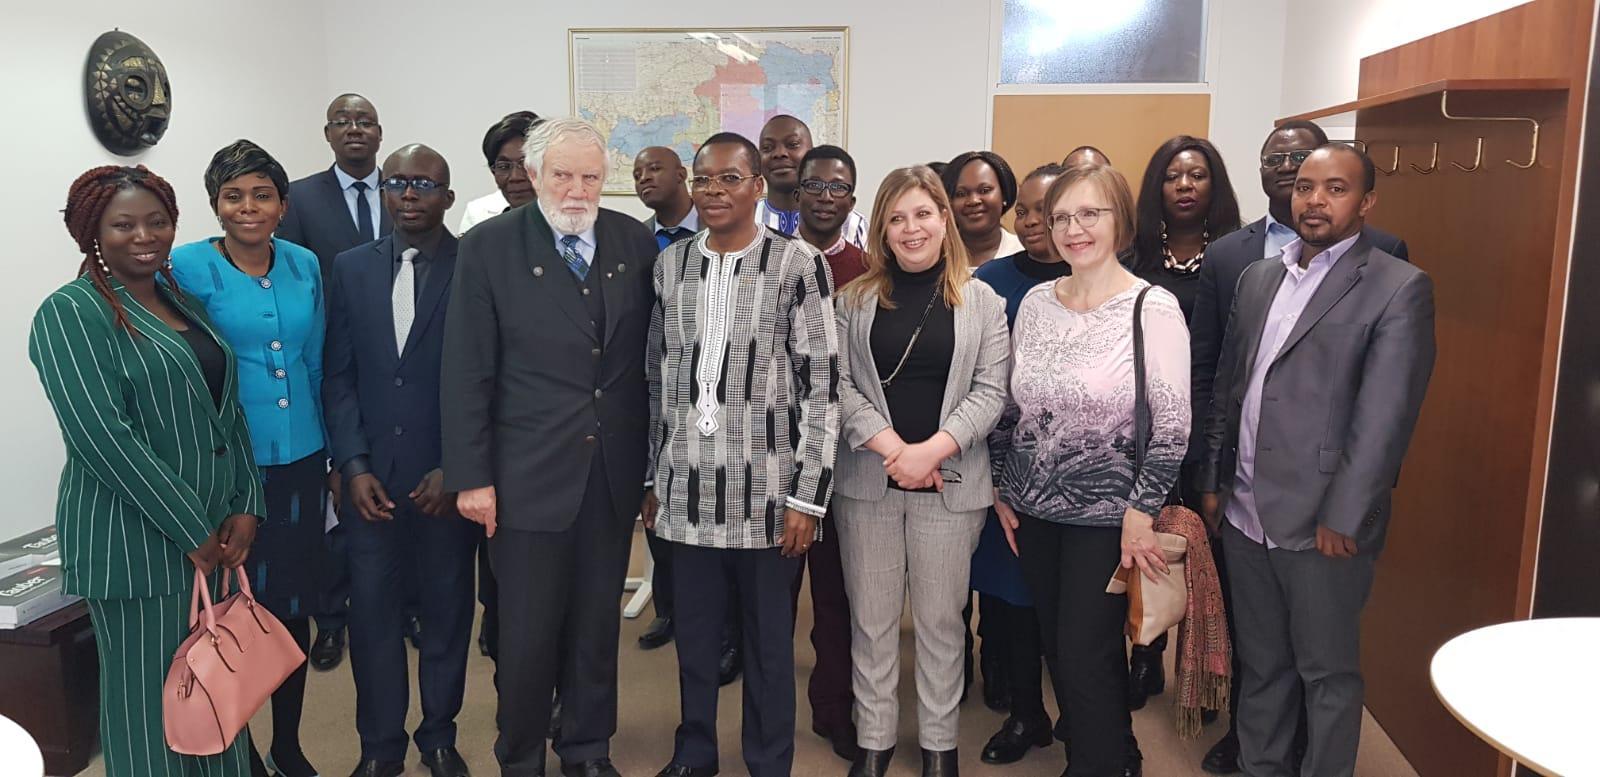 Ambassade du Burkina en Autriche: Le personnel présente ses vœux à l'ambassadeur Dieudonné Kéré